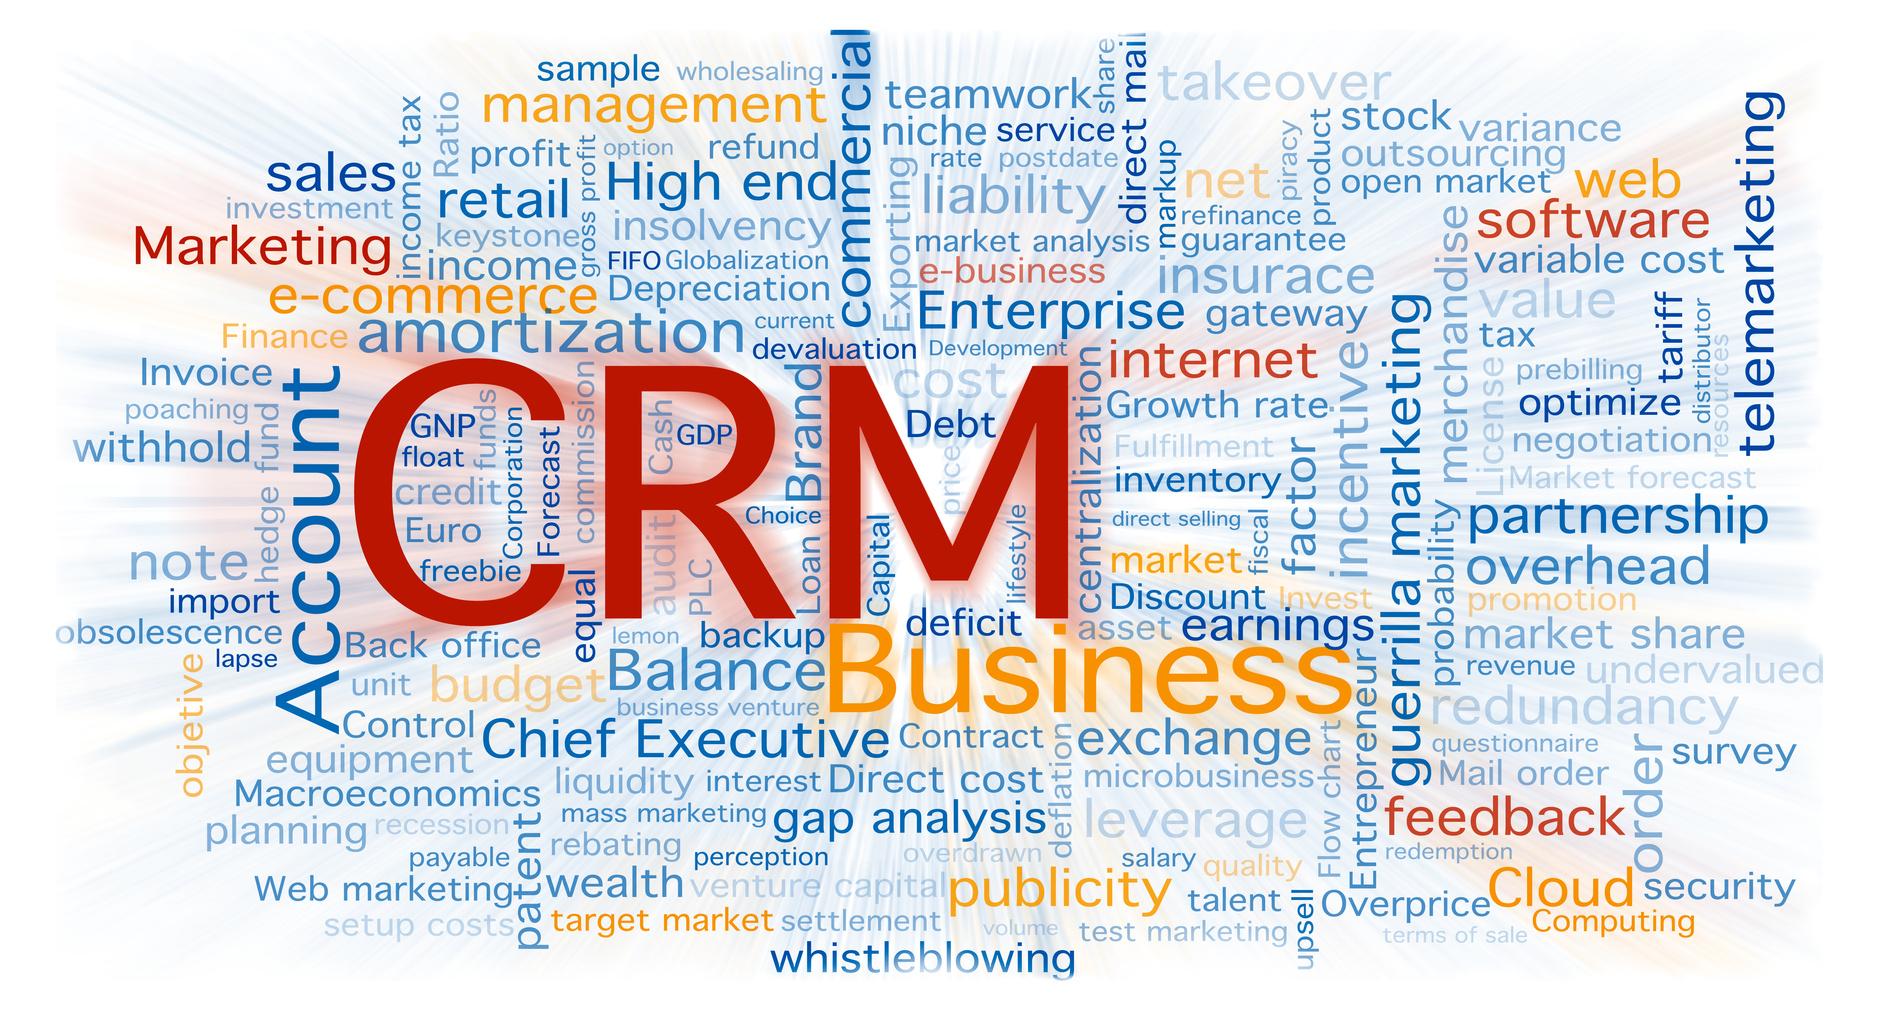 Nube de palabras de negocio centrada en el concepto de software CRM. Fondo aislado en blanco con un zoom borroso sobre las palabras.